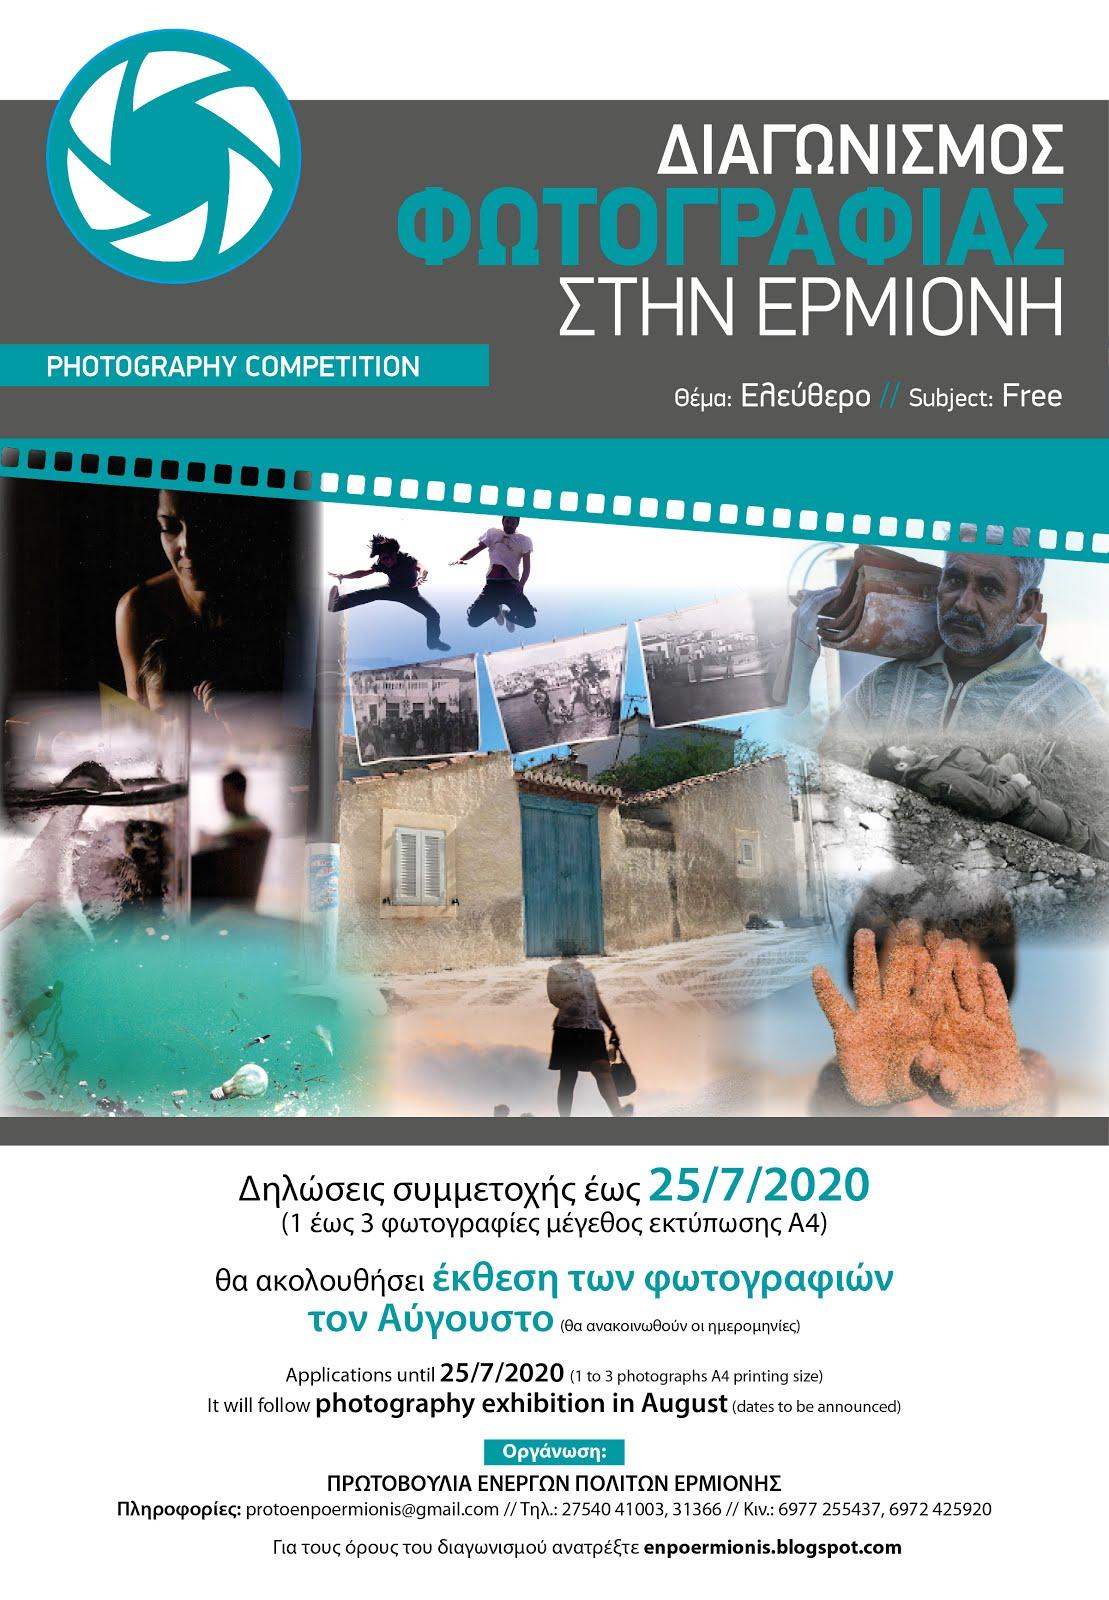 Διαγωνισμός Φωτογραφίας στην Ερμιόνη